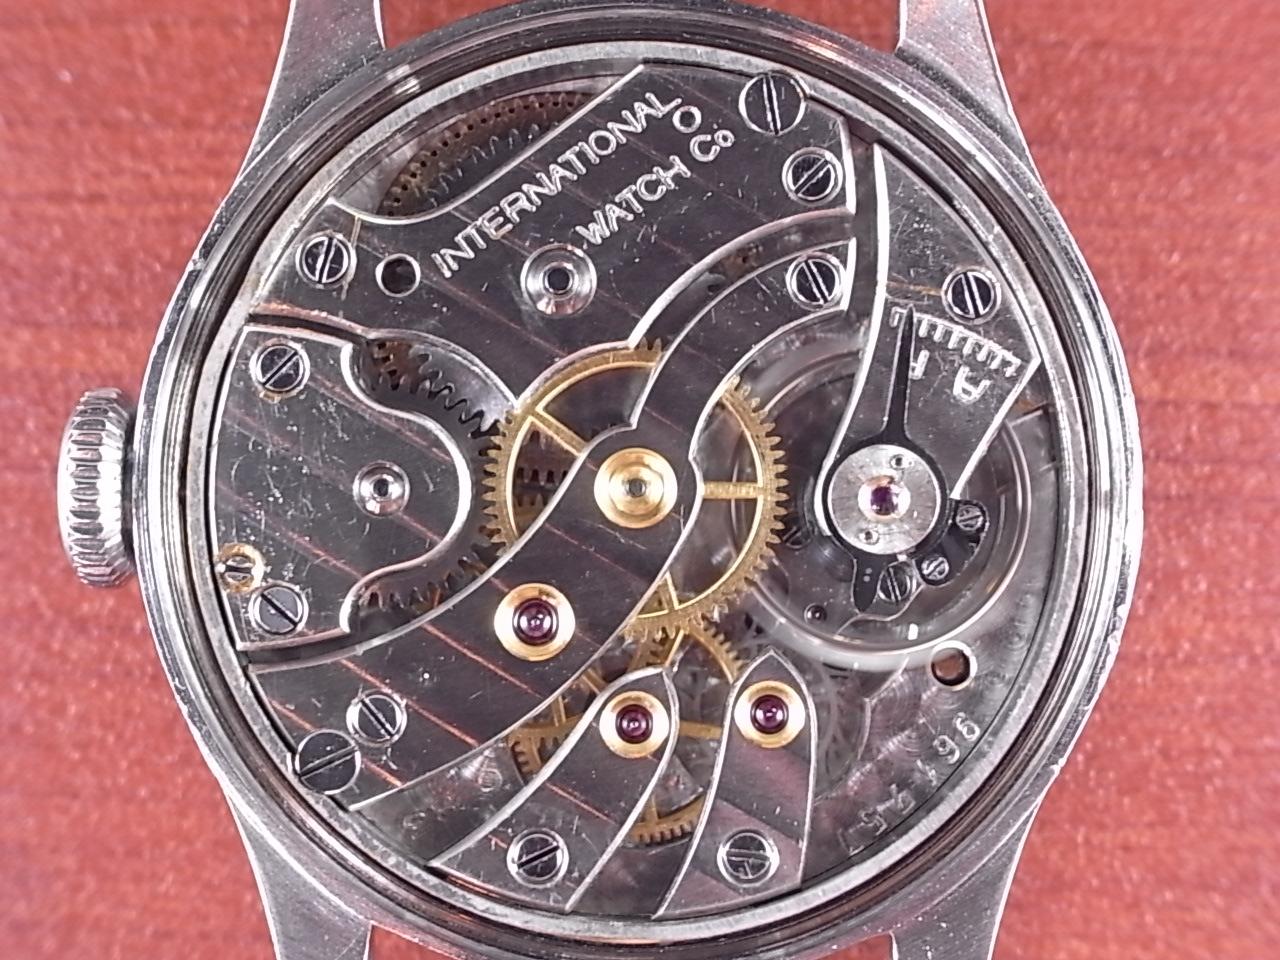 IWC インター キャリバー83 ブラックミラーダイアル スクリューバック 1930年代の写真5枚目